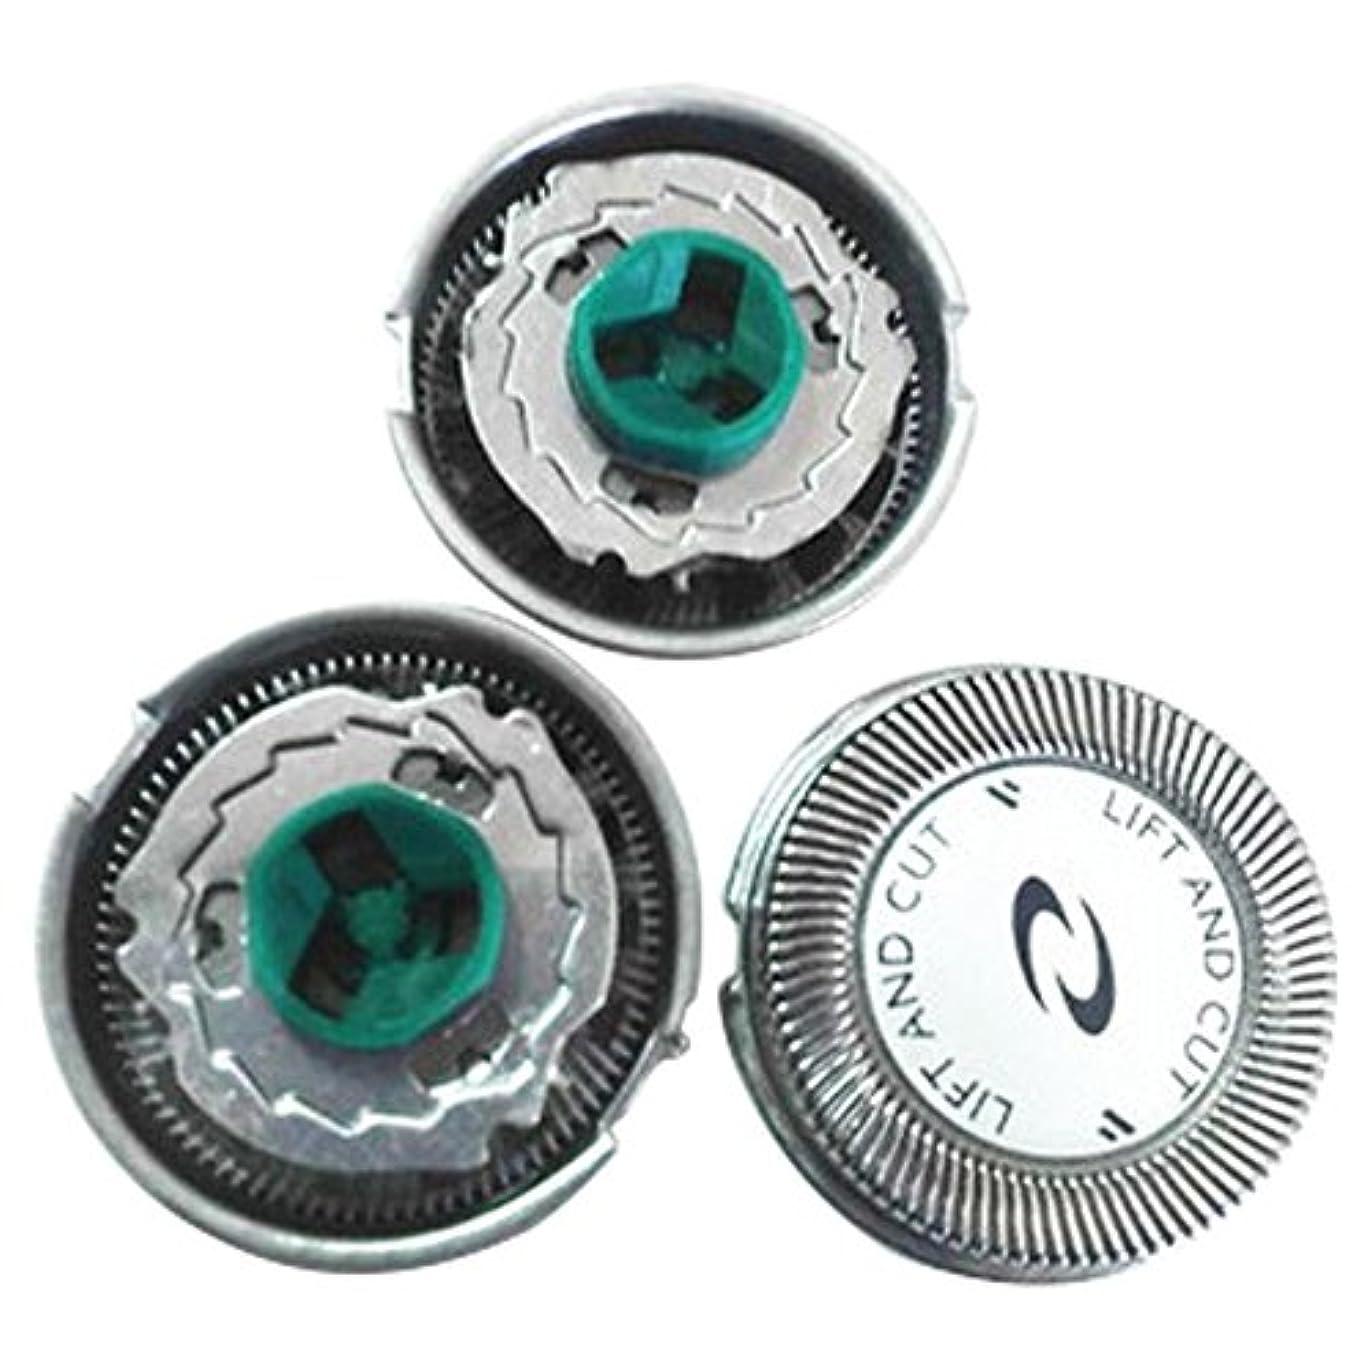 恐怖症シリング成熟したDeylaying 置換 シェーバー かみそり 頭 刃 for Philips HQ7310 PT720 PT725 HQ7140 HQ7390